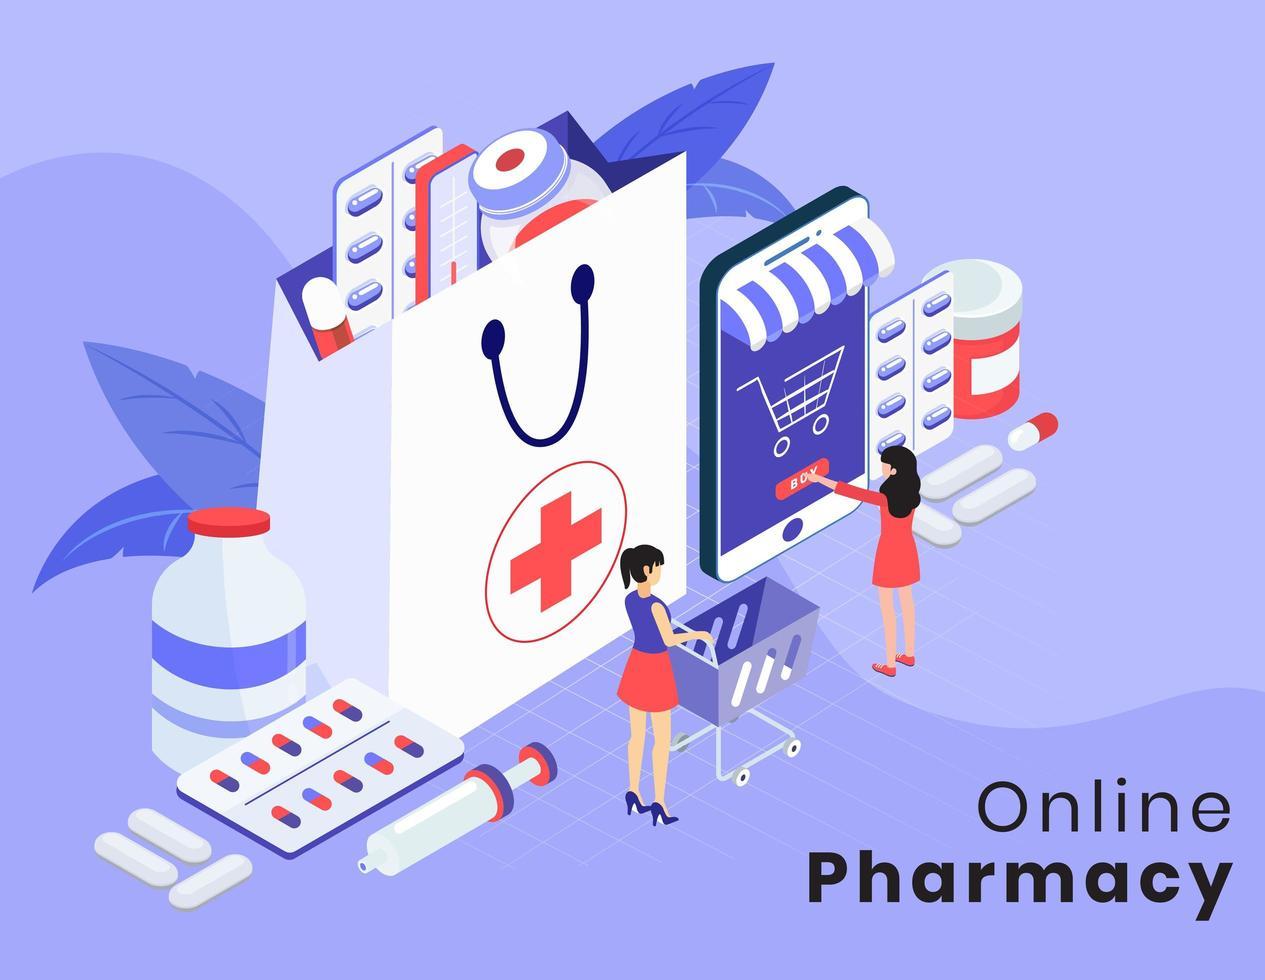 Isometrisches Layout für Online-Apotheken und Medizin vektor